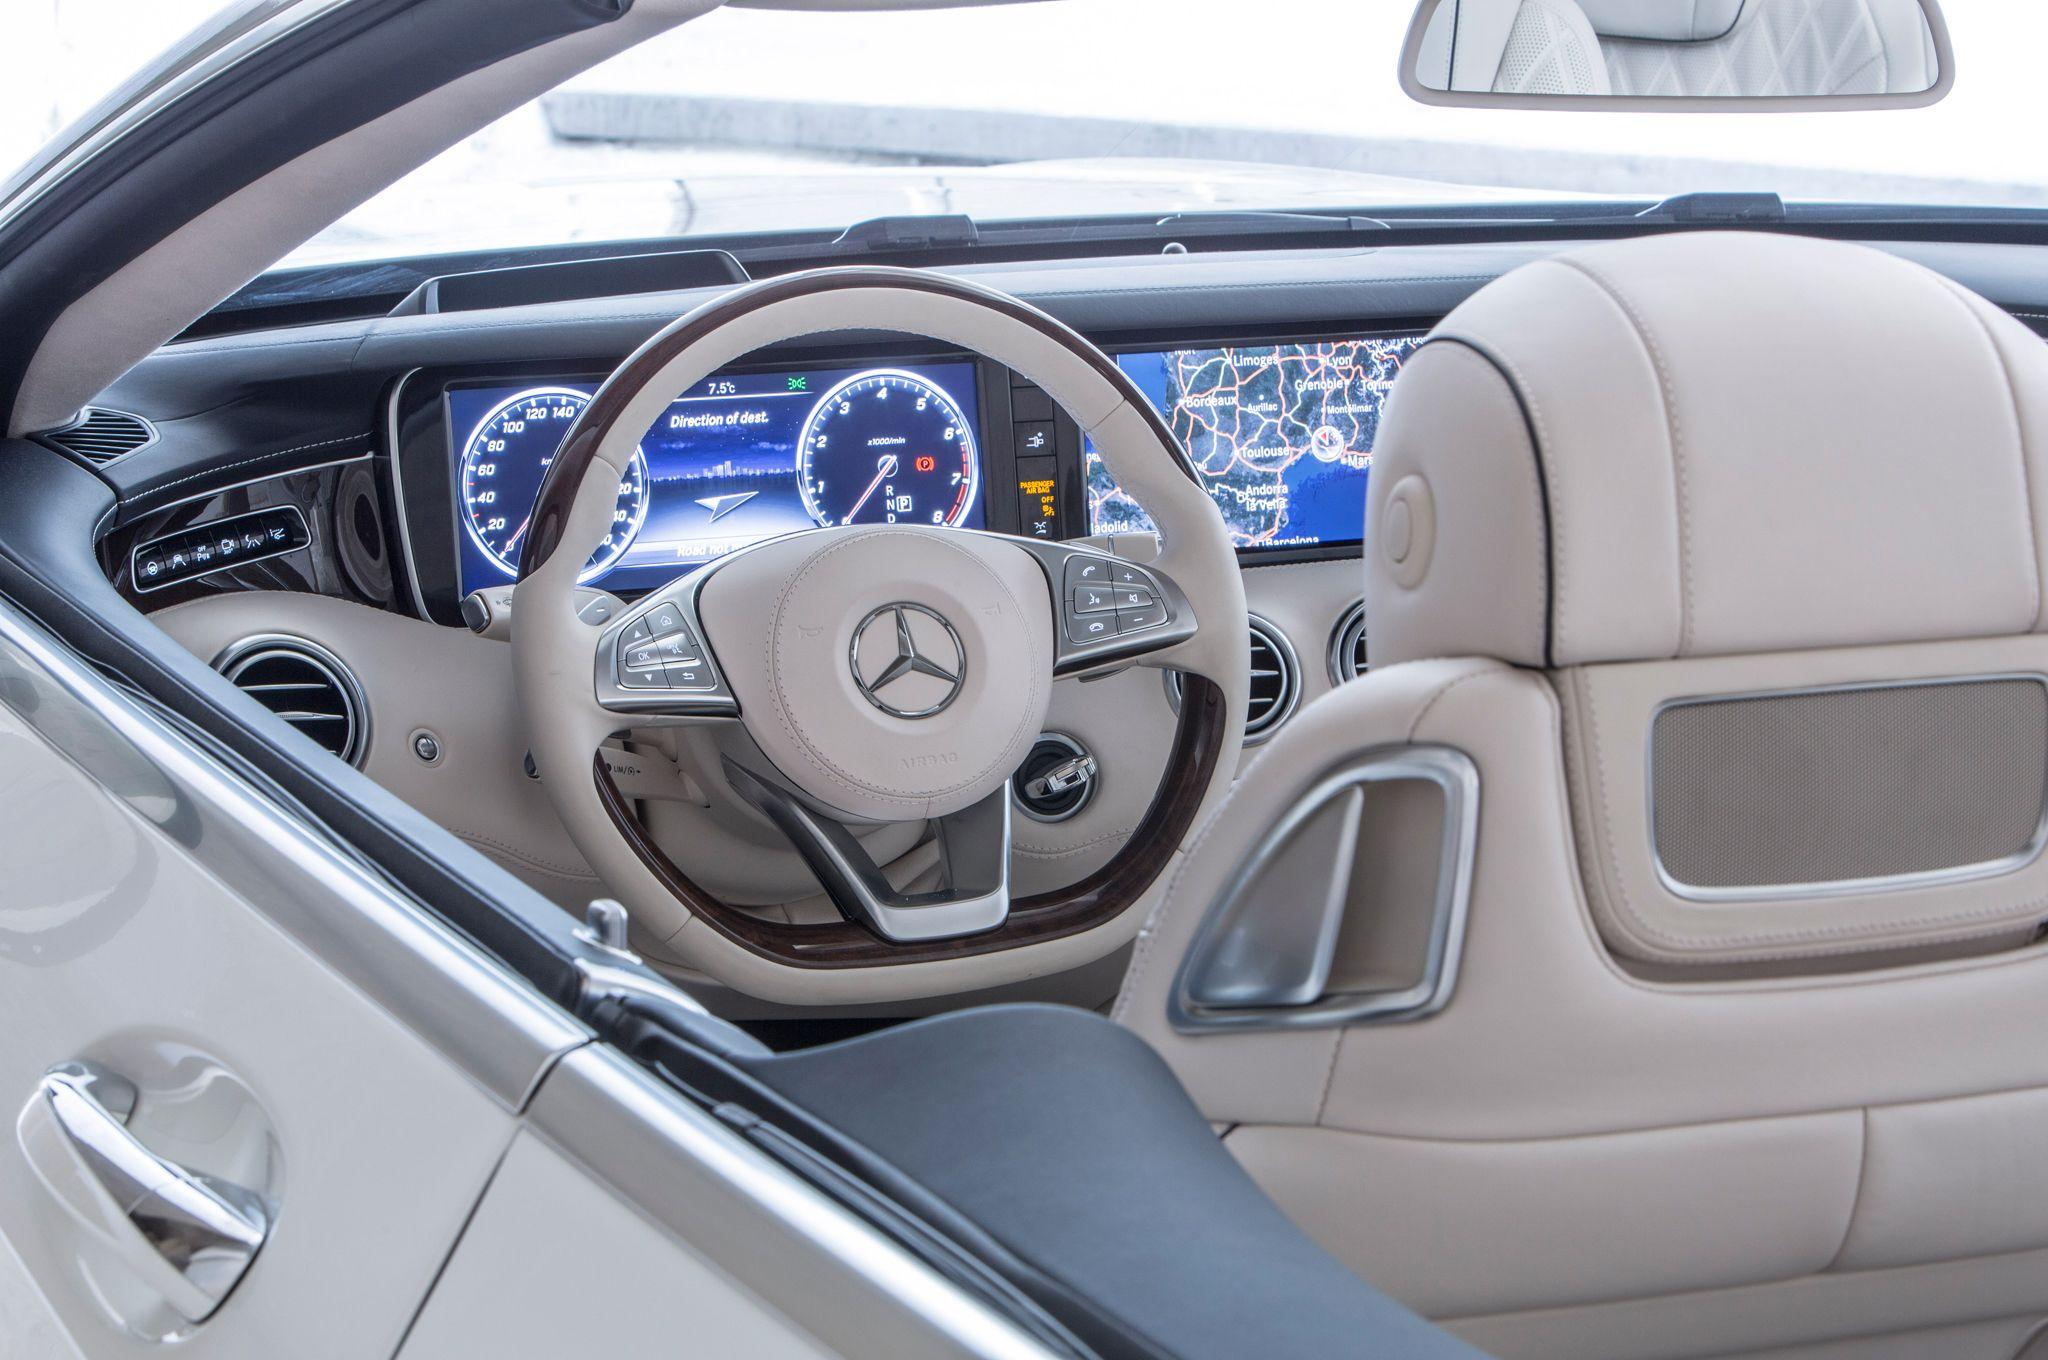 Image Result For S550 Mercedes 2017